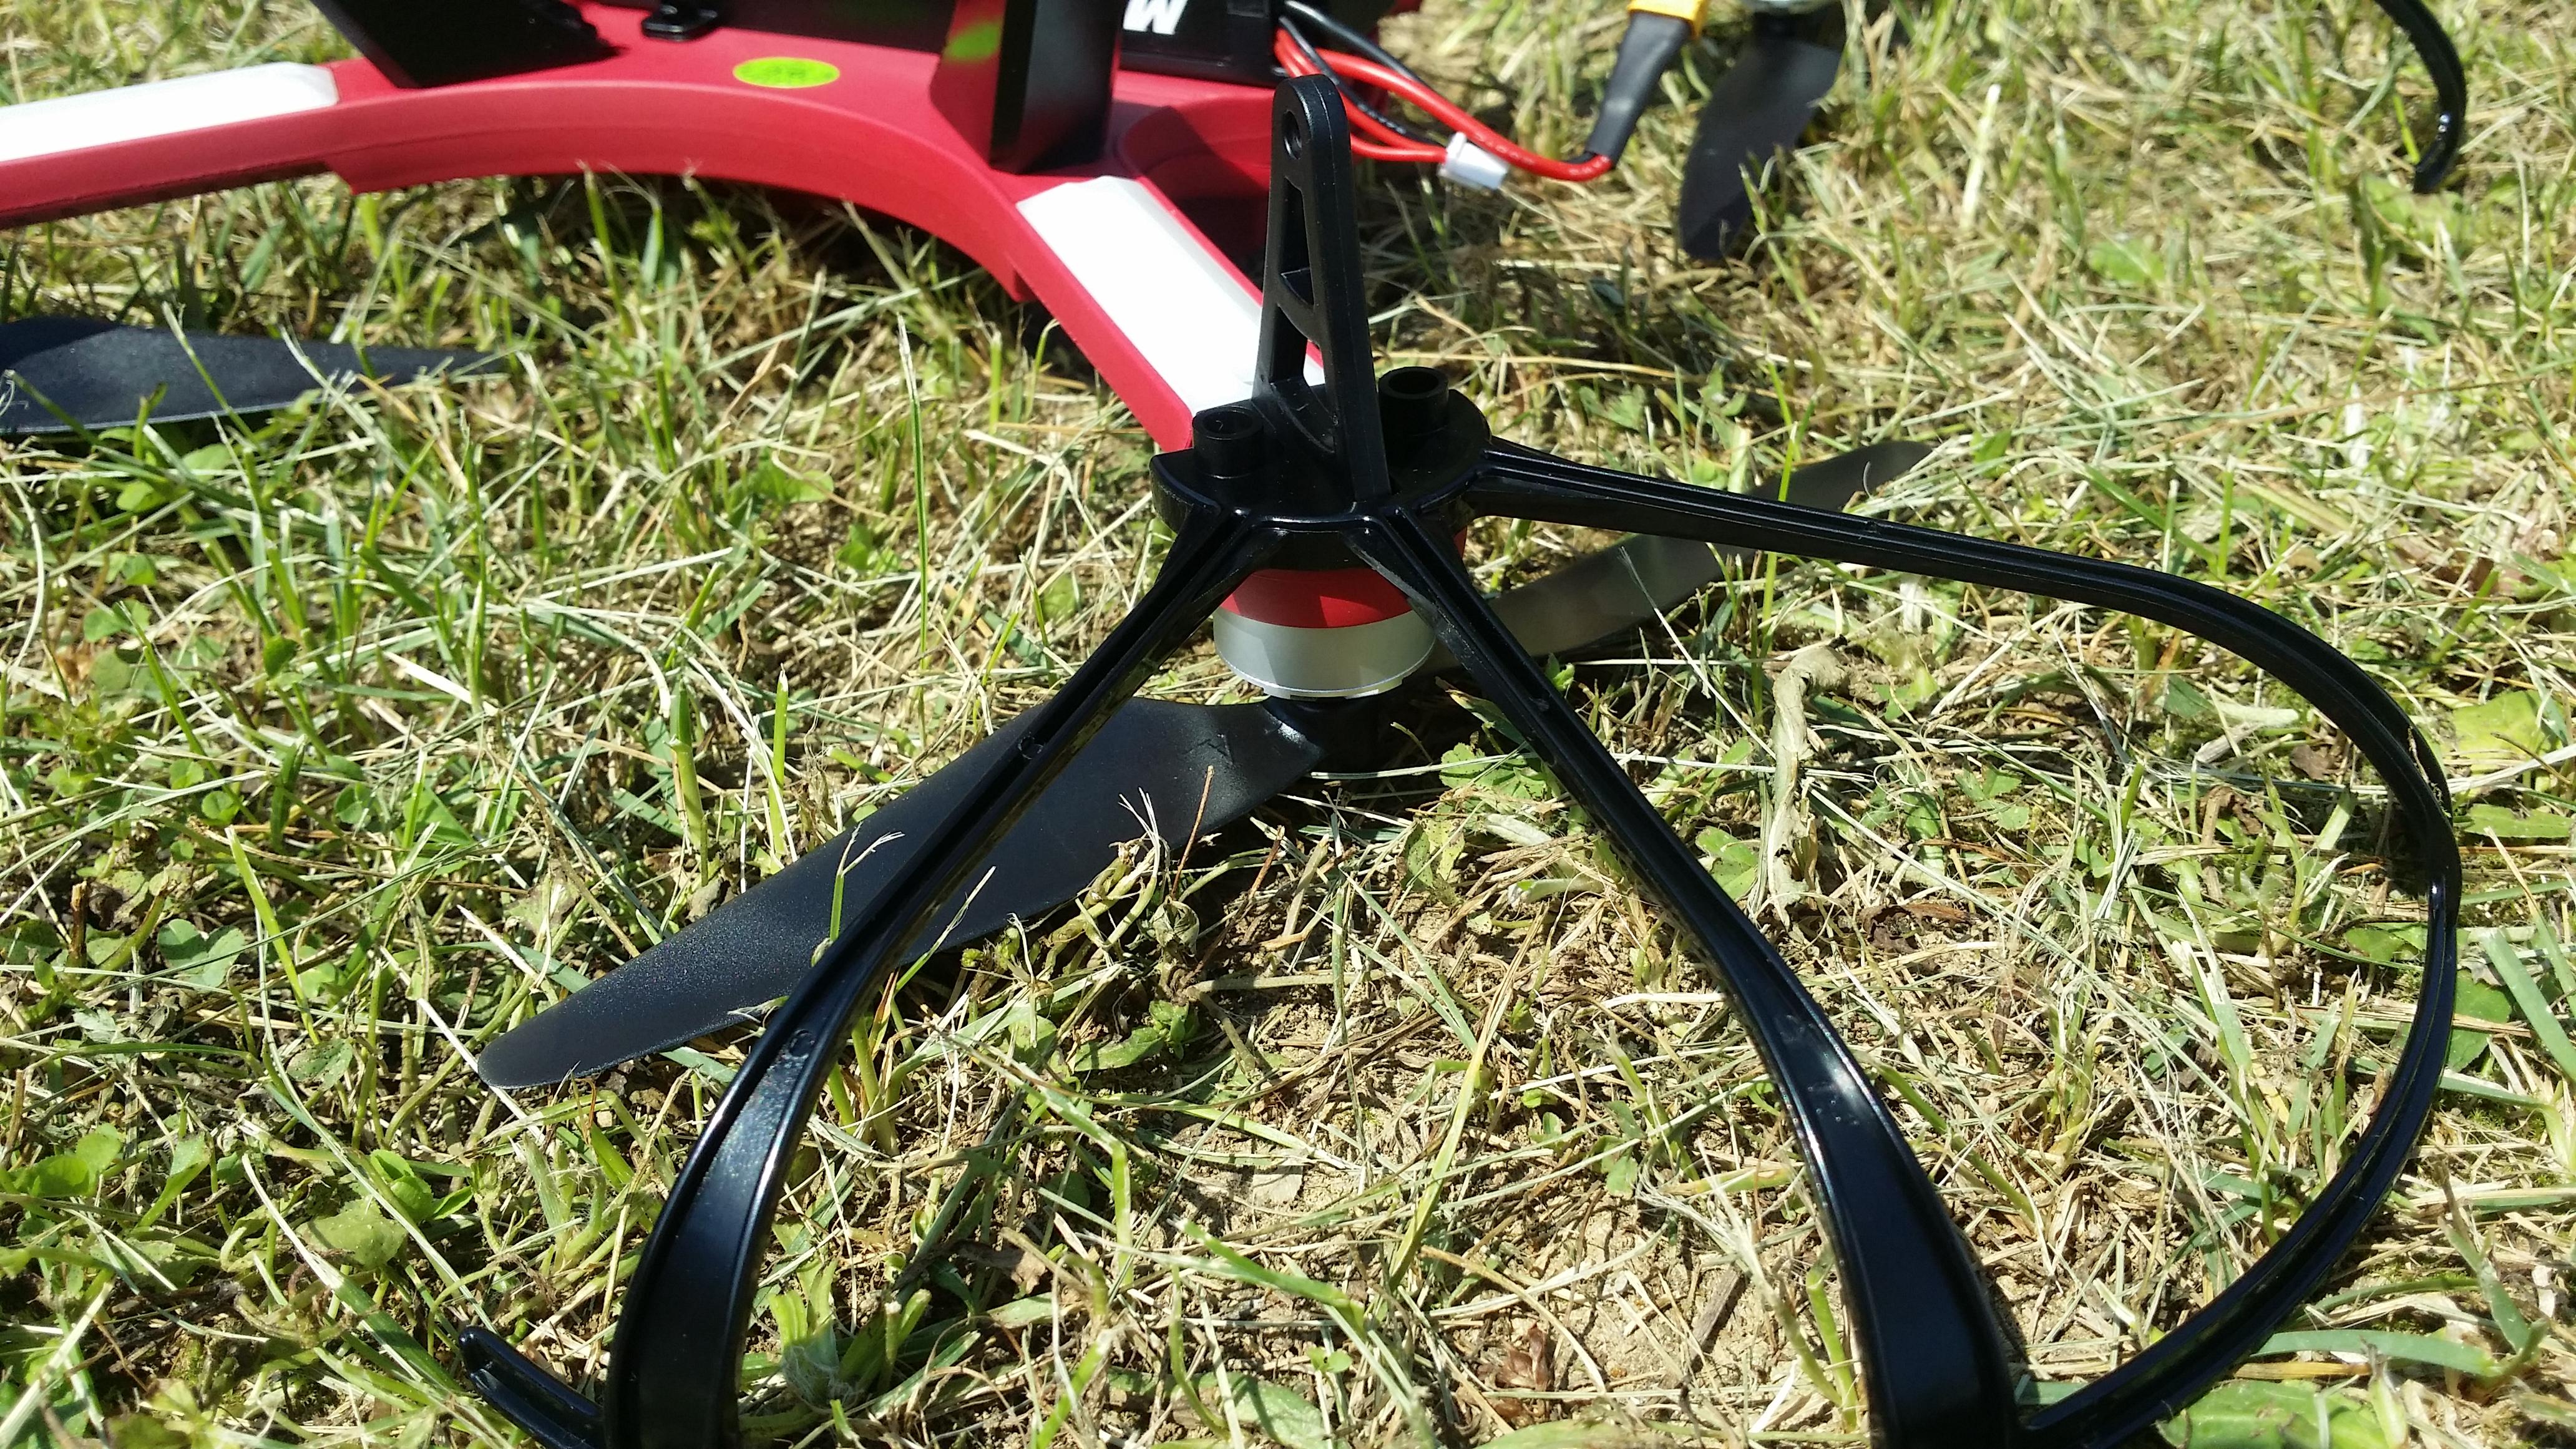 mjx-bugs-3-dron-teszt-20180804_132420